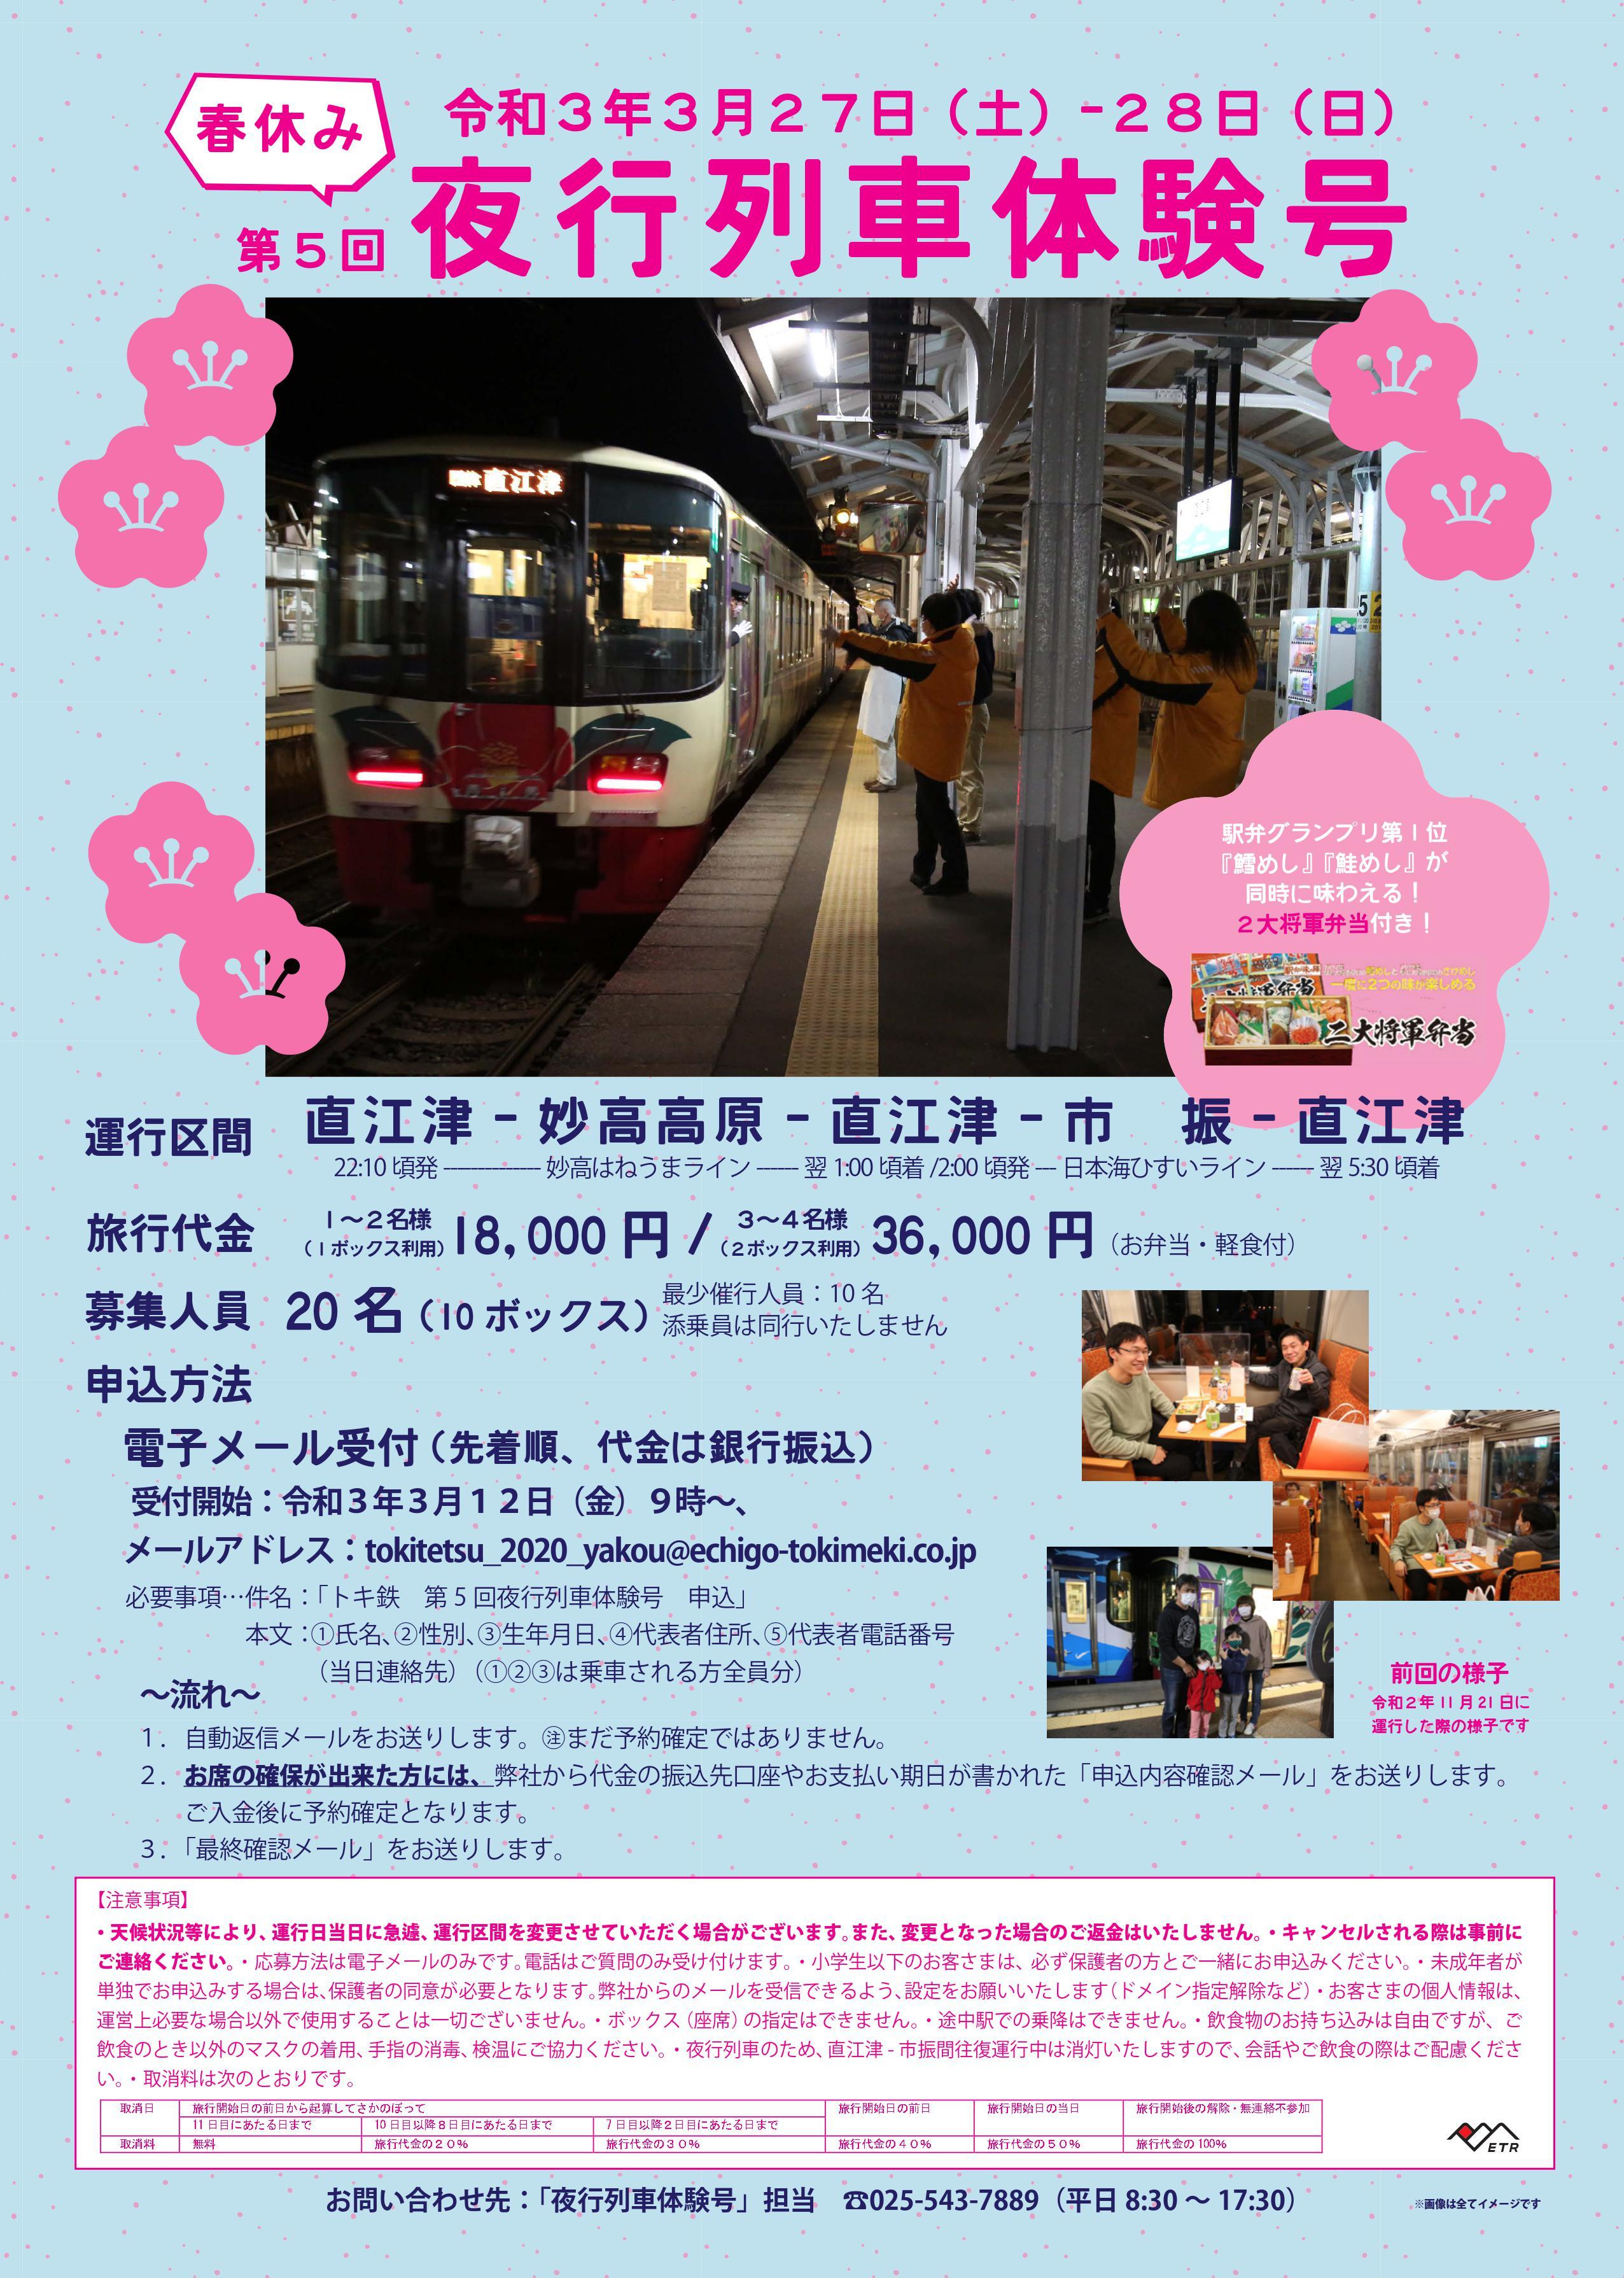 3月27日 夜行列車運転